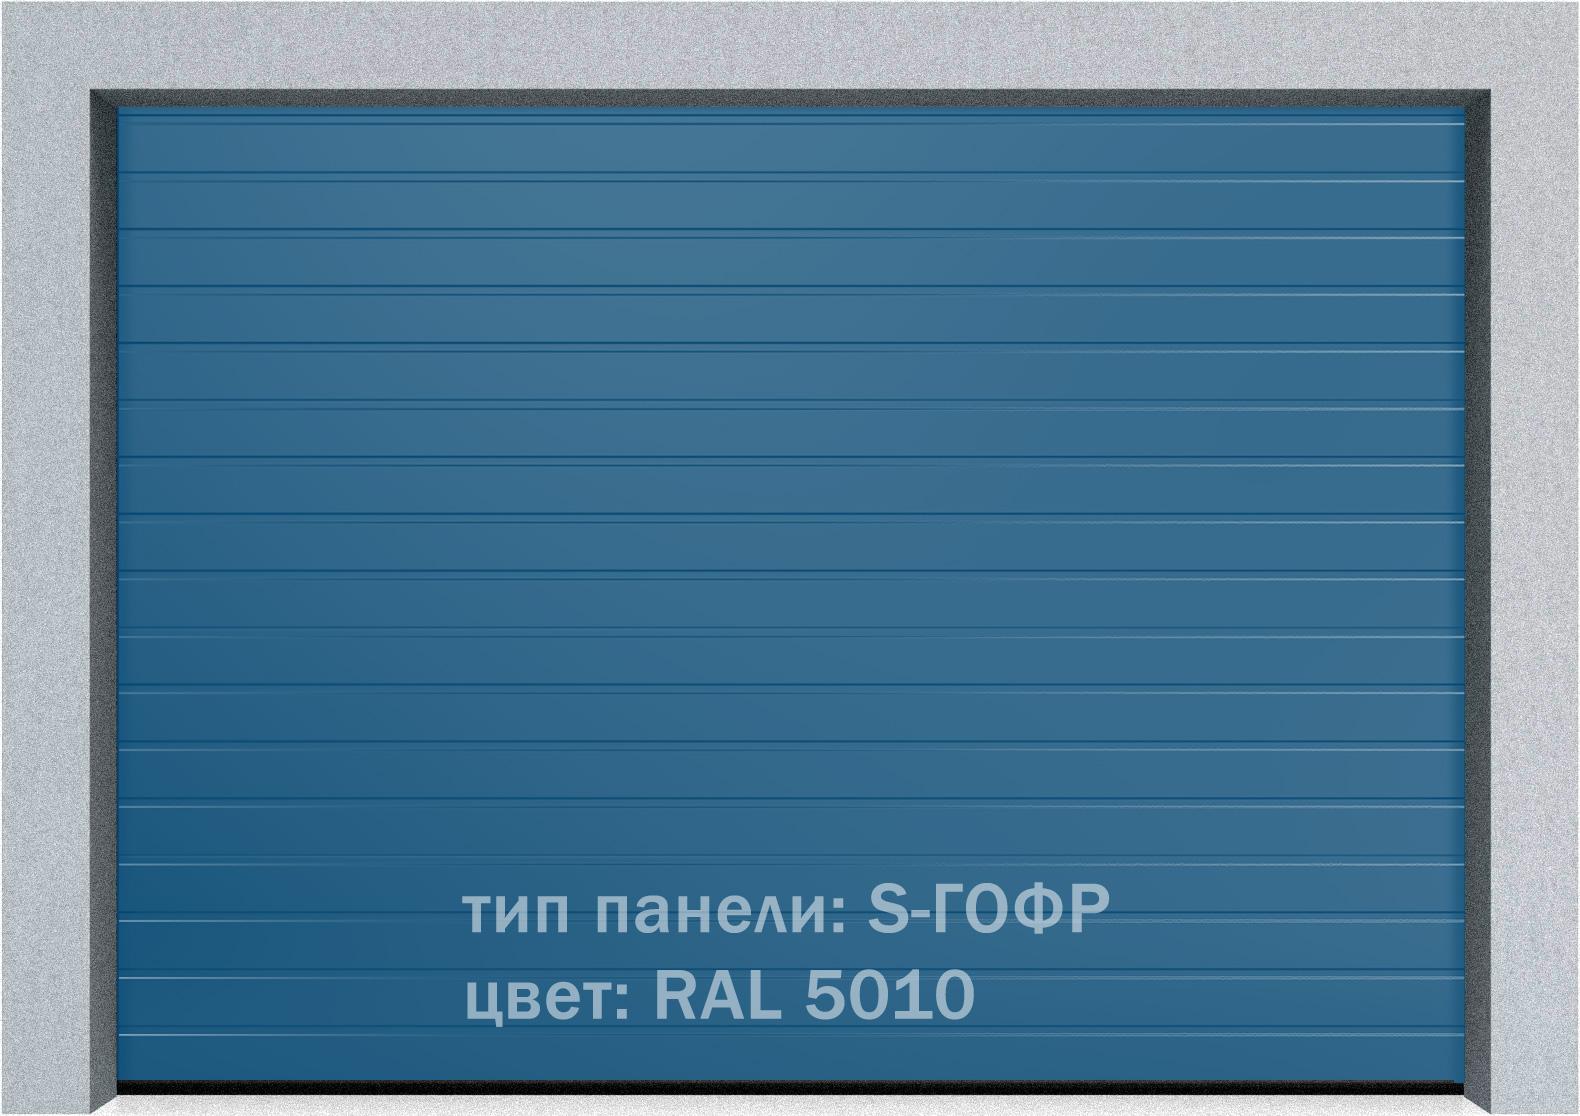 Секционные промышленные ворота Alutech ProTrend 2875х2375 S-гофр, Микроволна стандартные цвета, фото 6